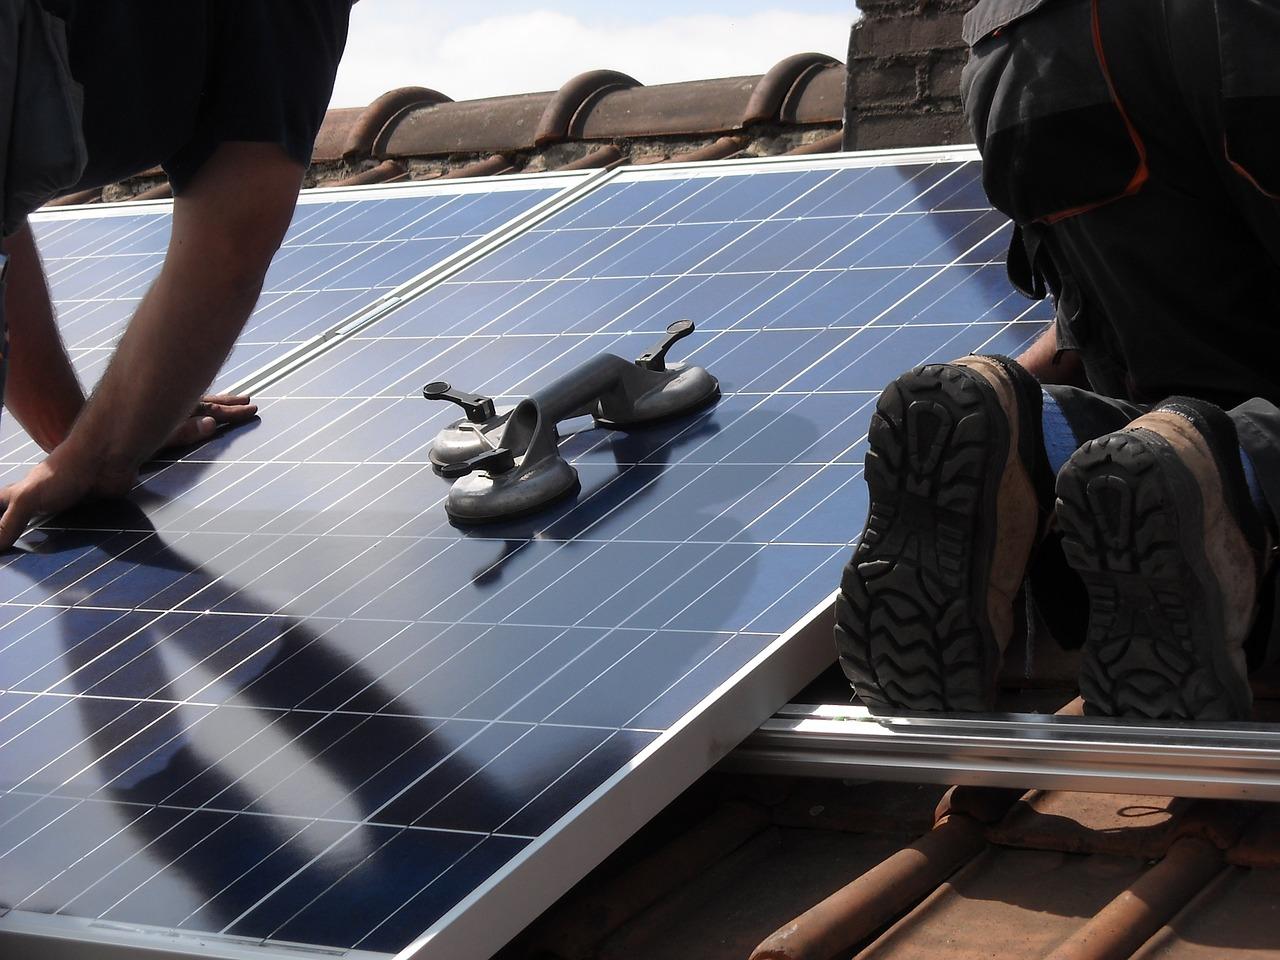 Chauffe-eau solaire, une solution d'avenir ?